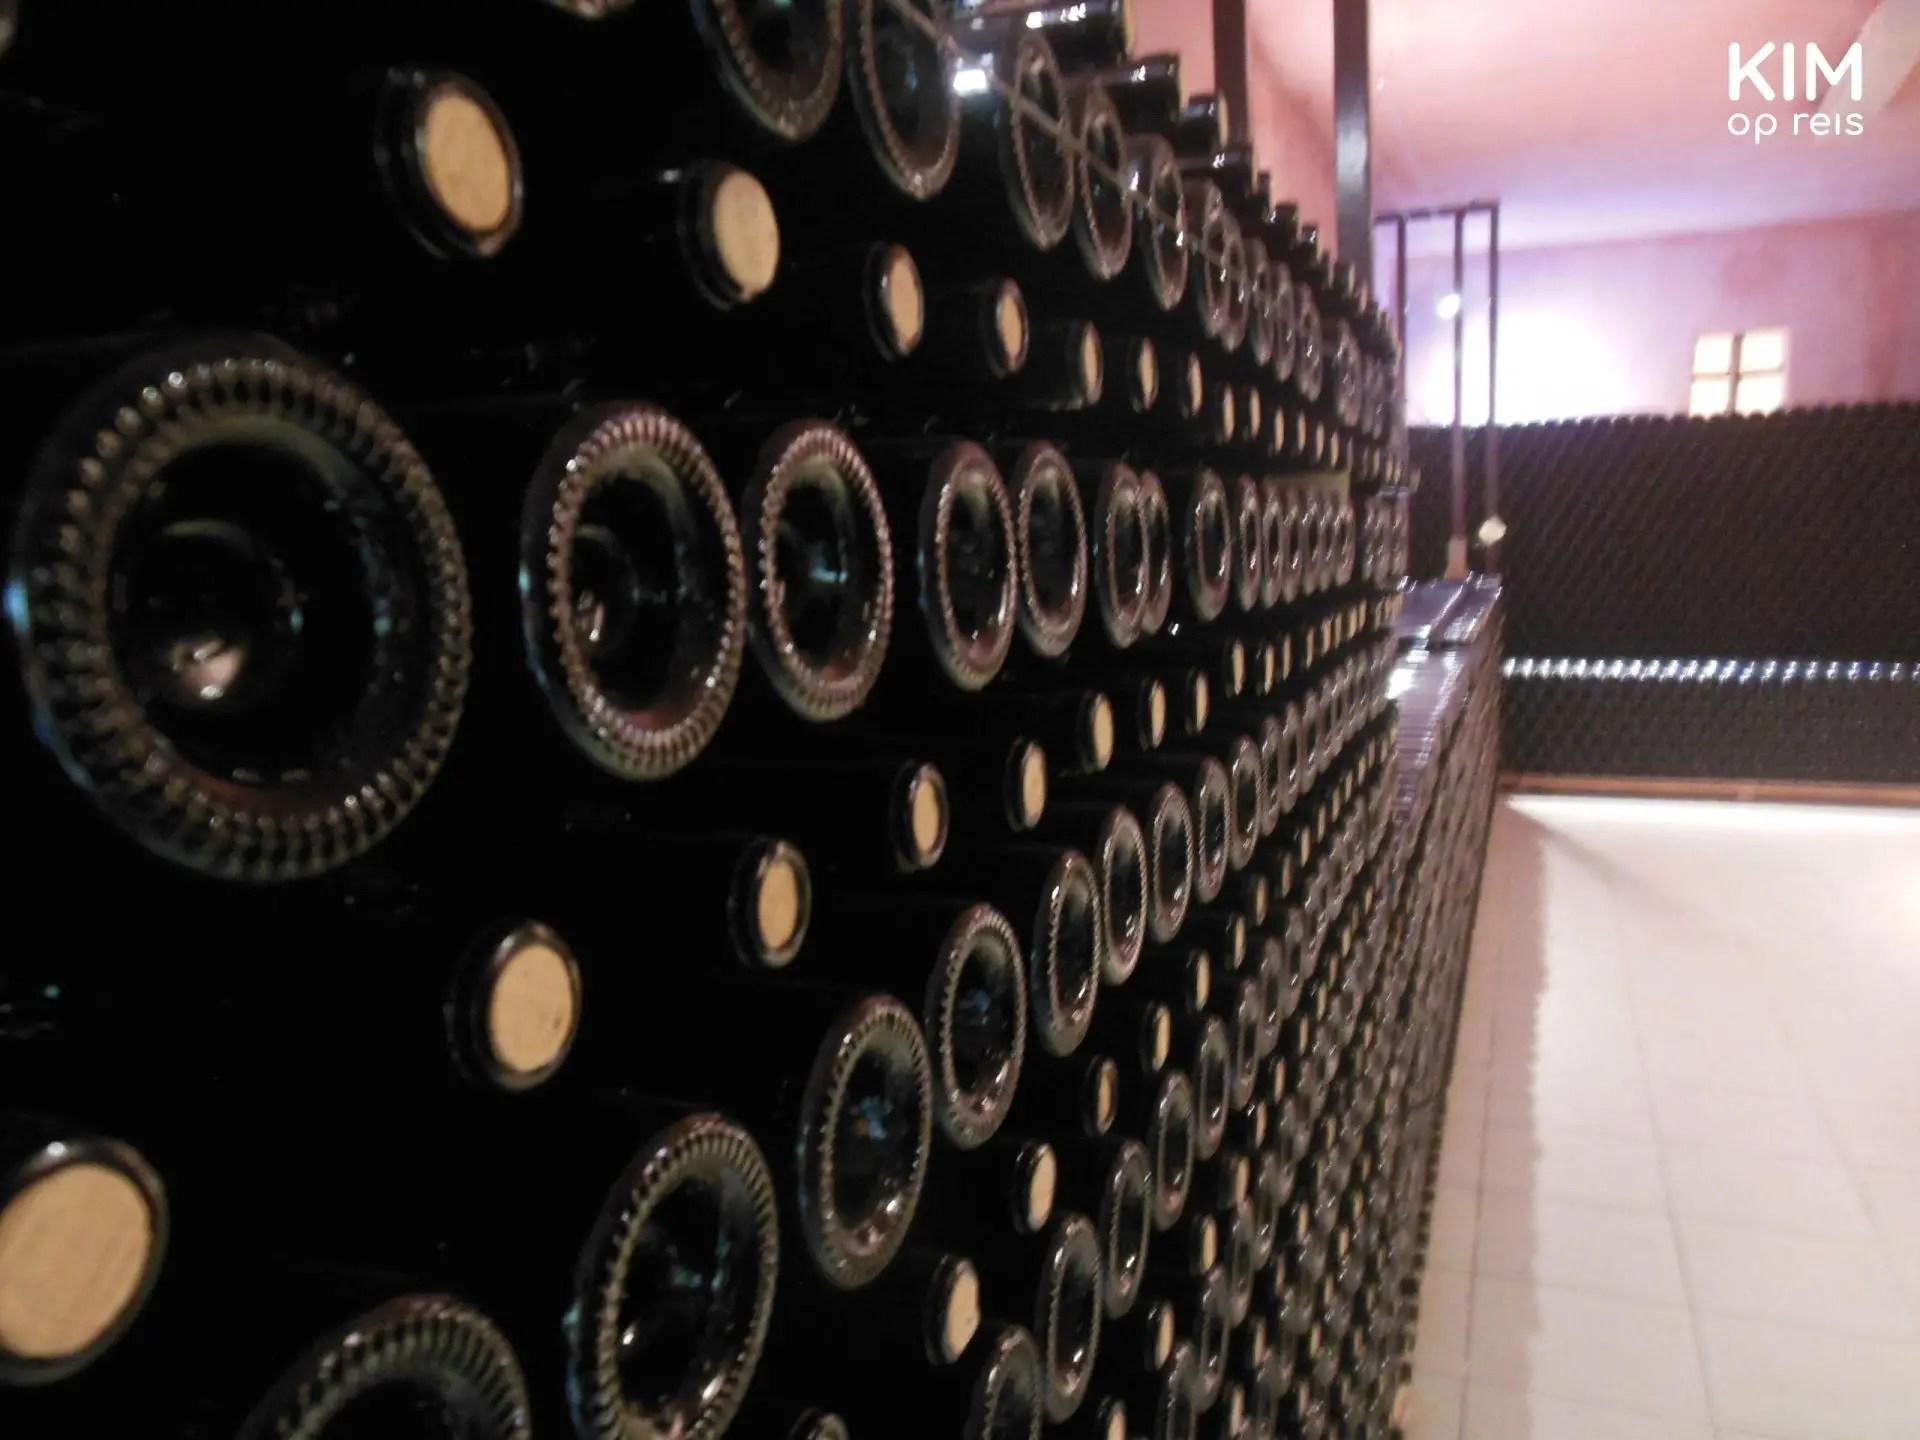 Opslag van het Sa Cova wijnhuis op Ibiza - stelling vol wijnflessen